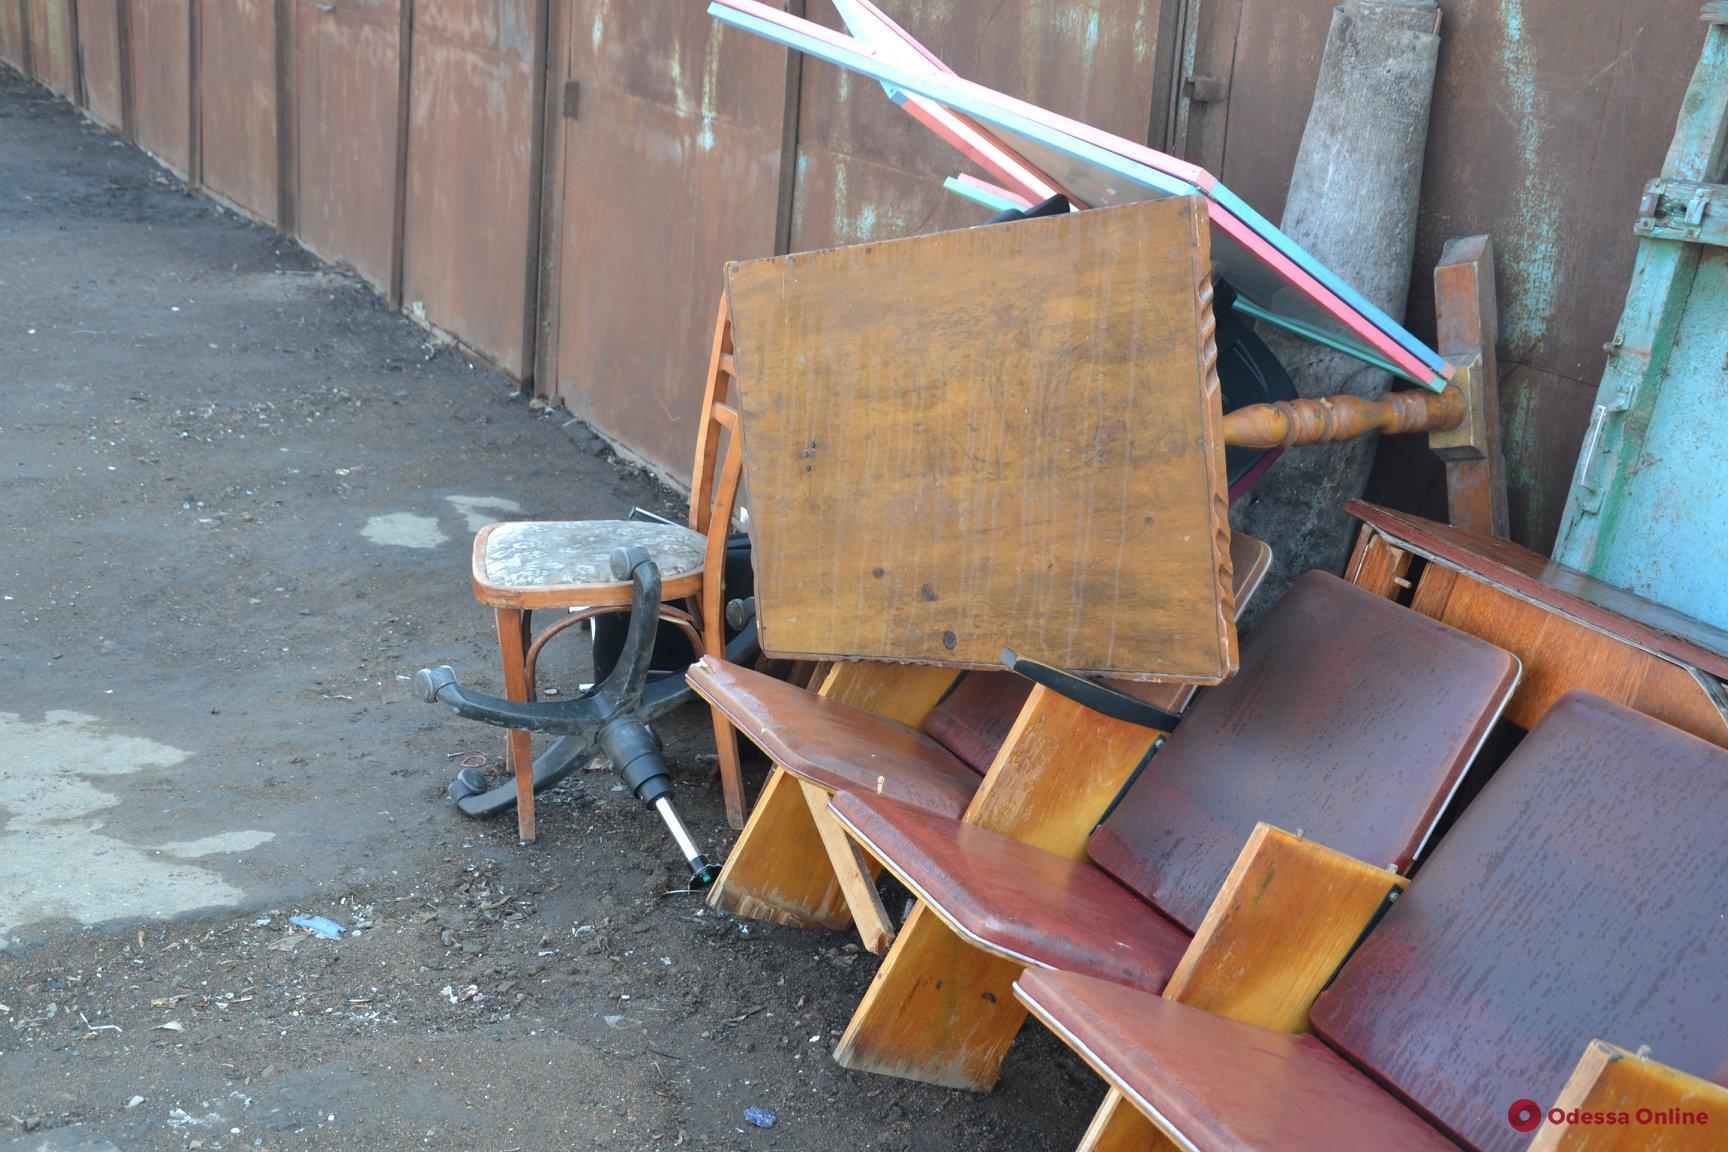 В Одессе появилась четвертая по счету площадка для сбора старой бытовой техники и мебели (фото)